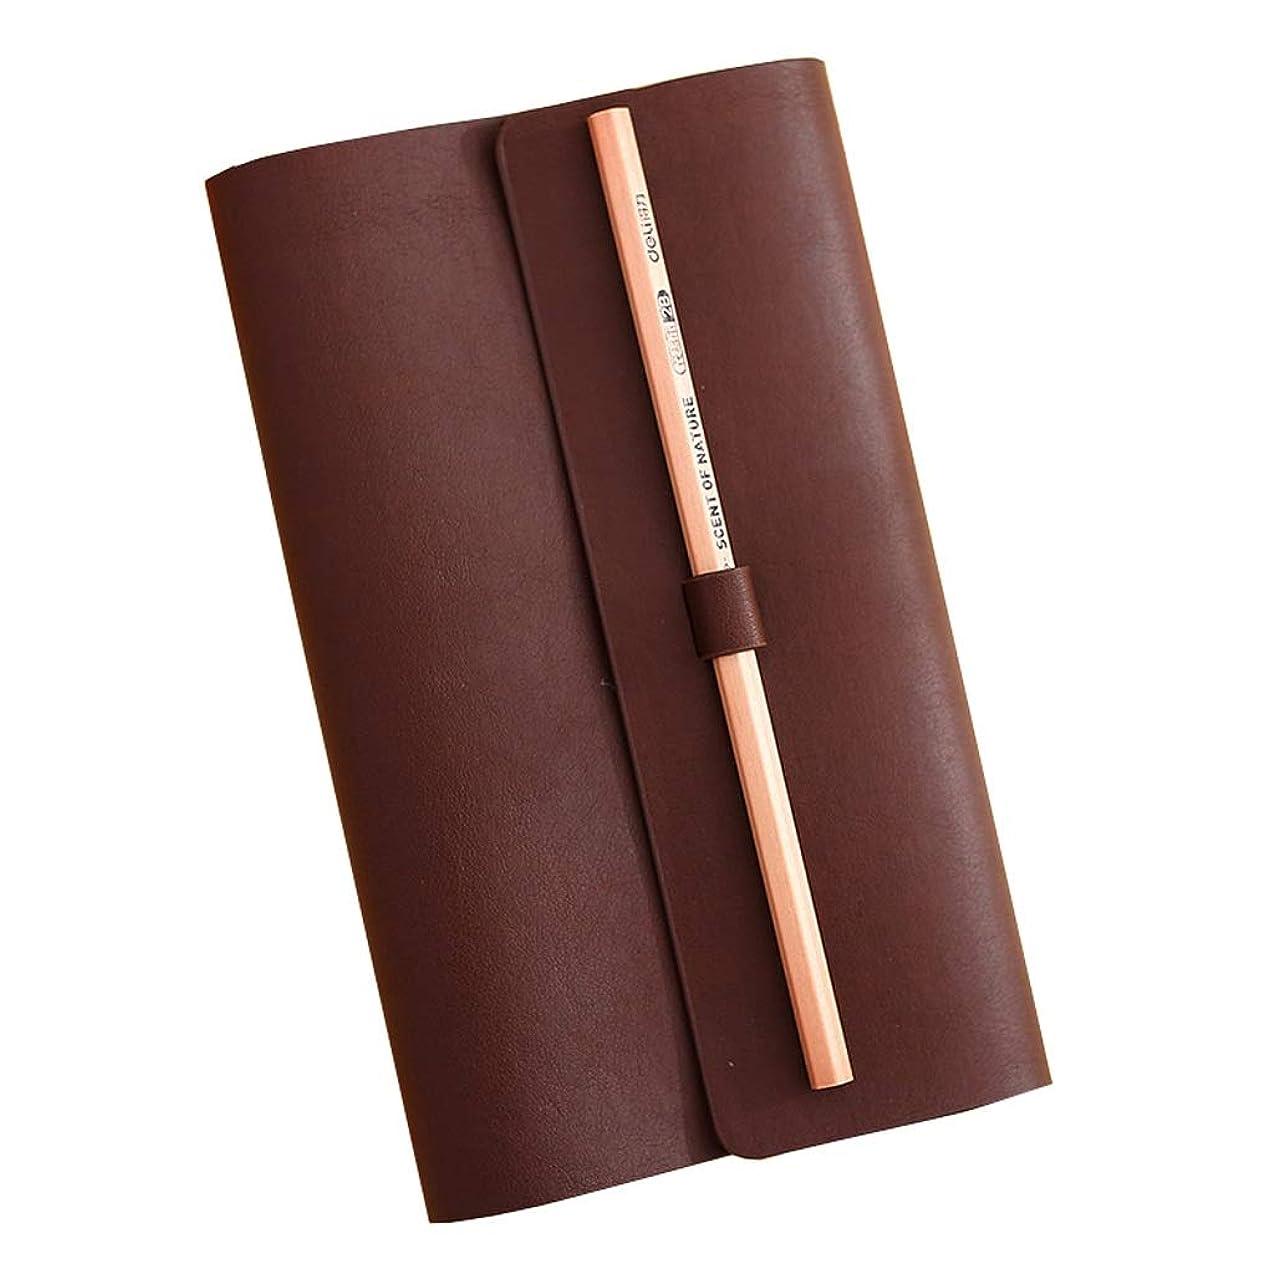 厚手のノート ノートブック文具用品文具旅行レザーノートブックビジネスノートブックシンプルポータブルポータブル ポータブル (Color : Brown)